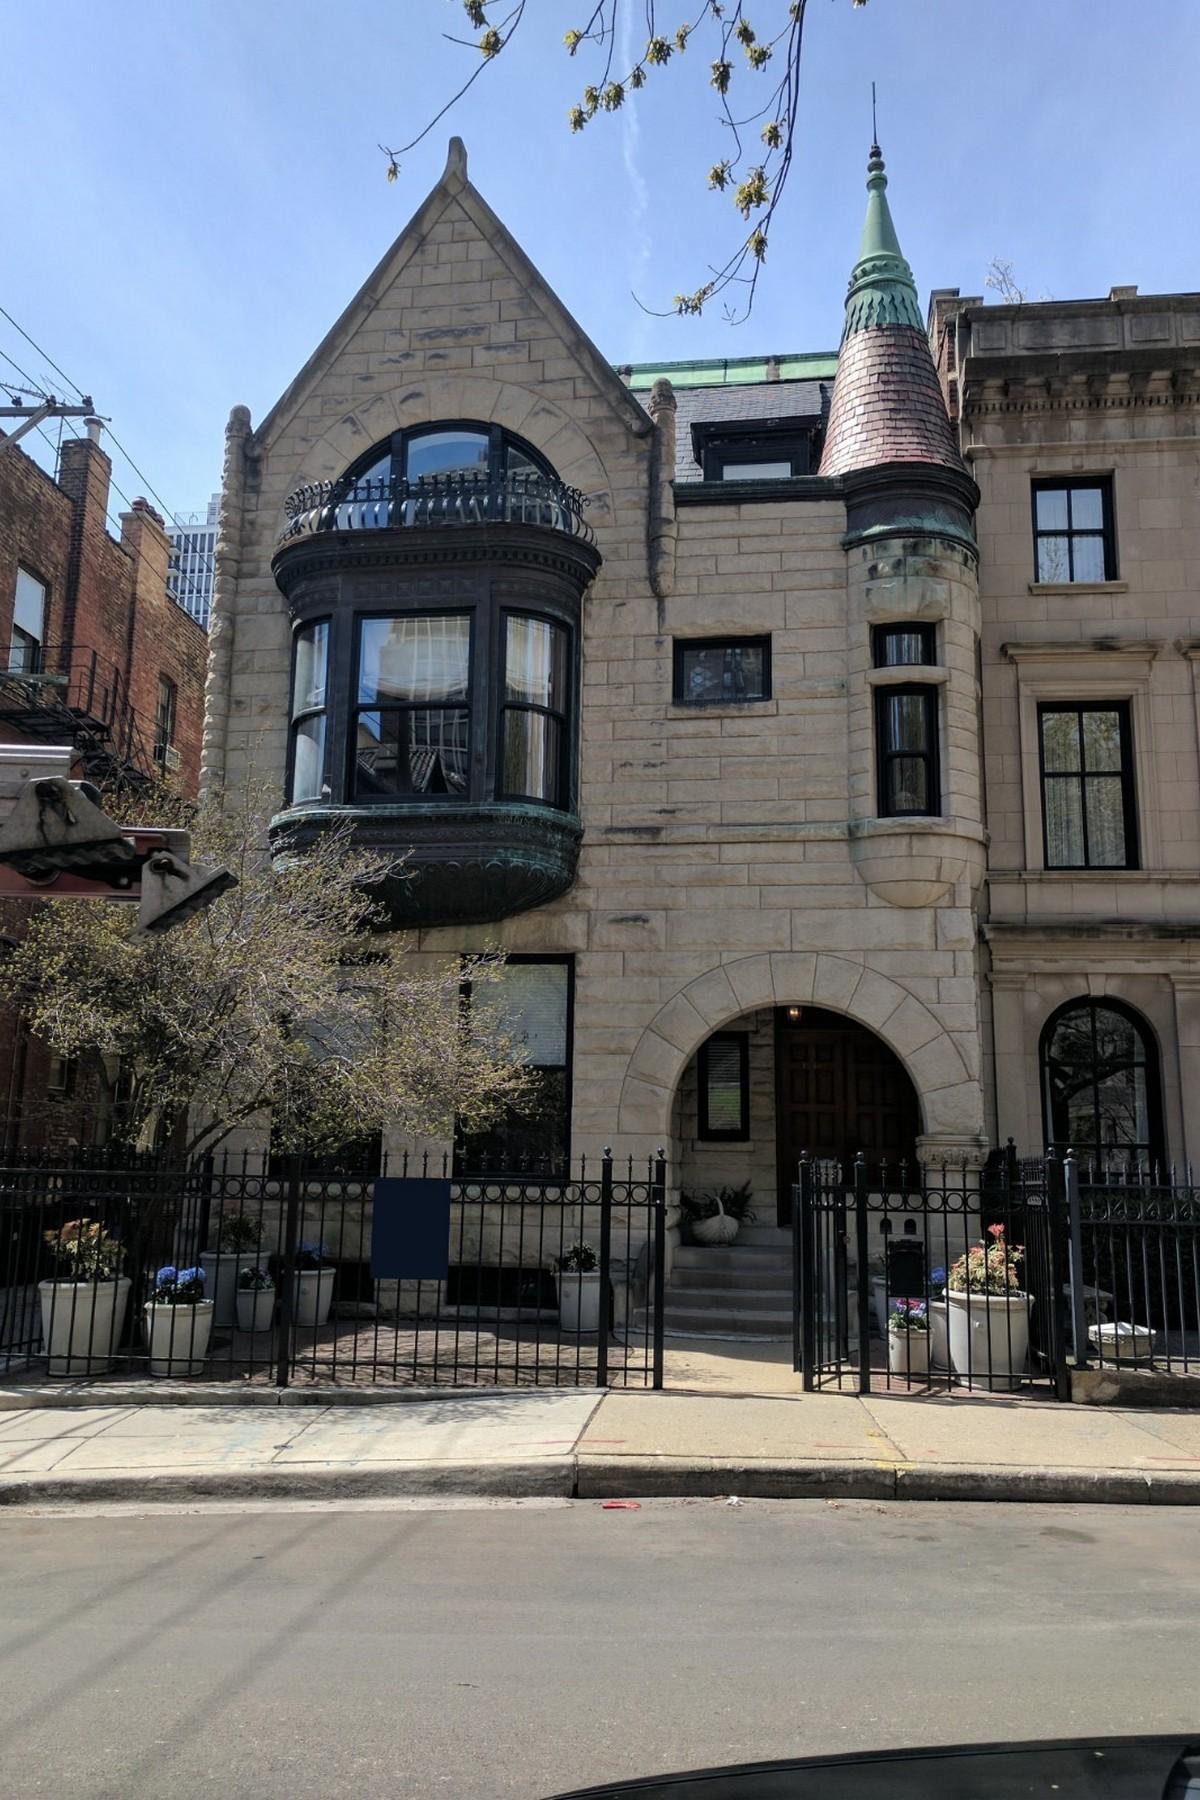 Tek Ailelik Ev için Satış at Architecturally wonderful Gold Coast home 1248 N Astor Street Near North Side, Chicago, Illinois, 60610 Amerika Birleşik Devletleri